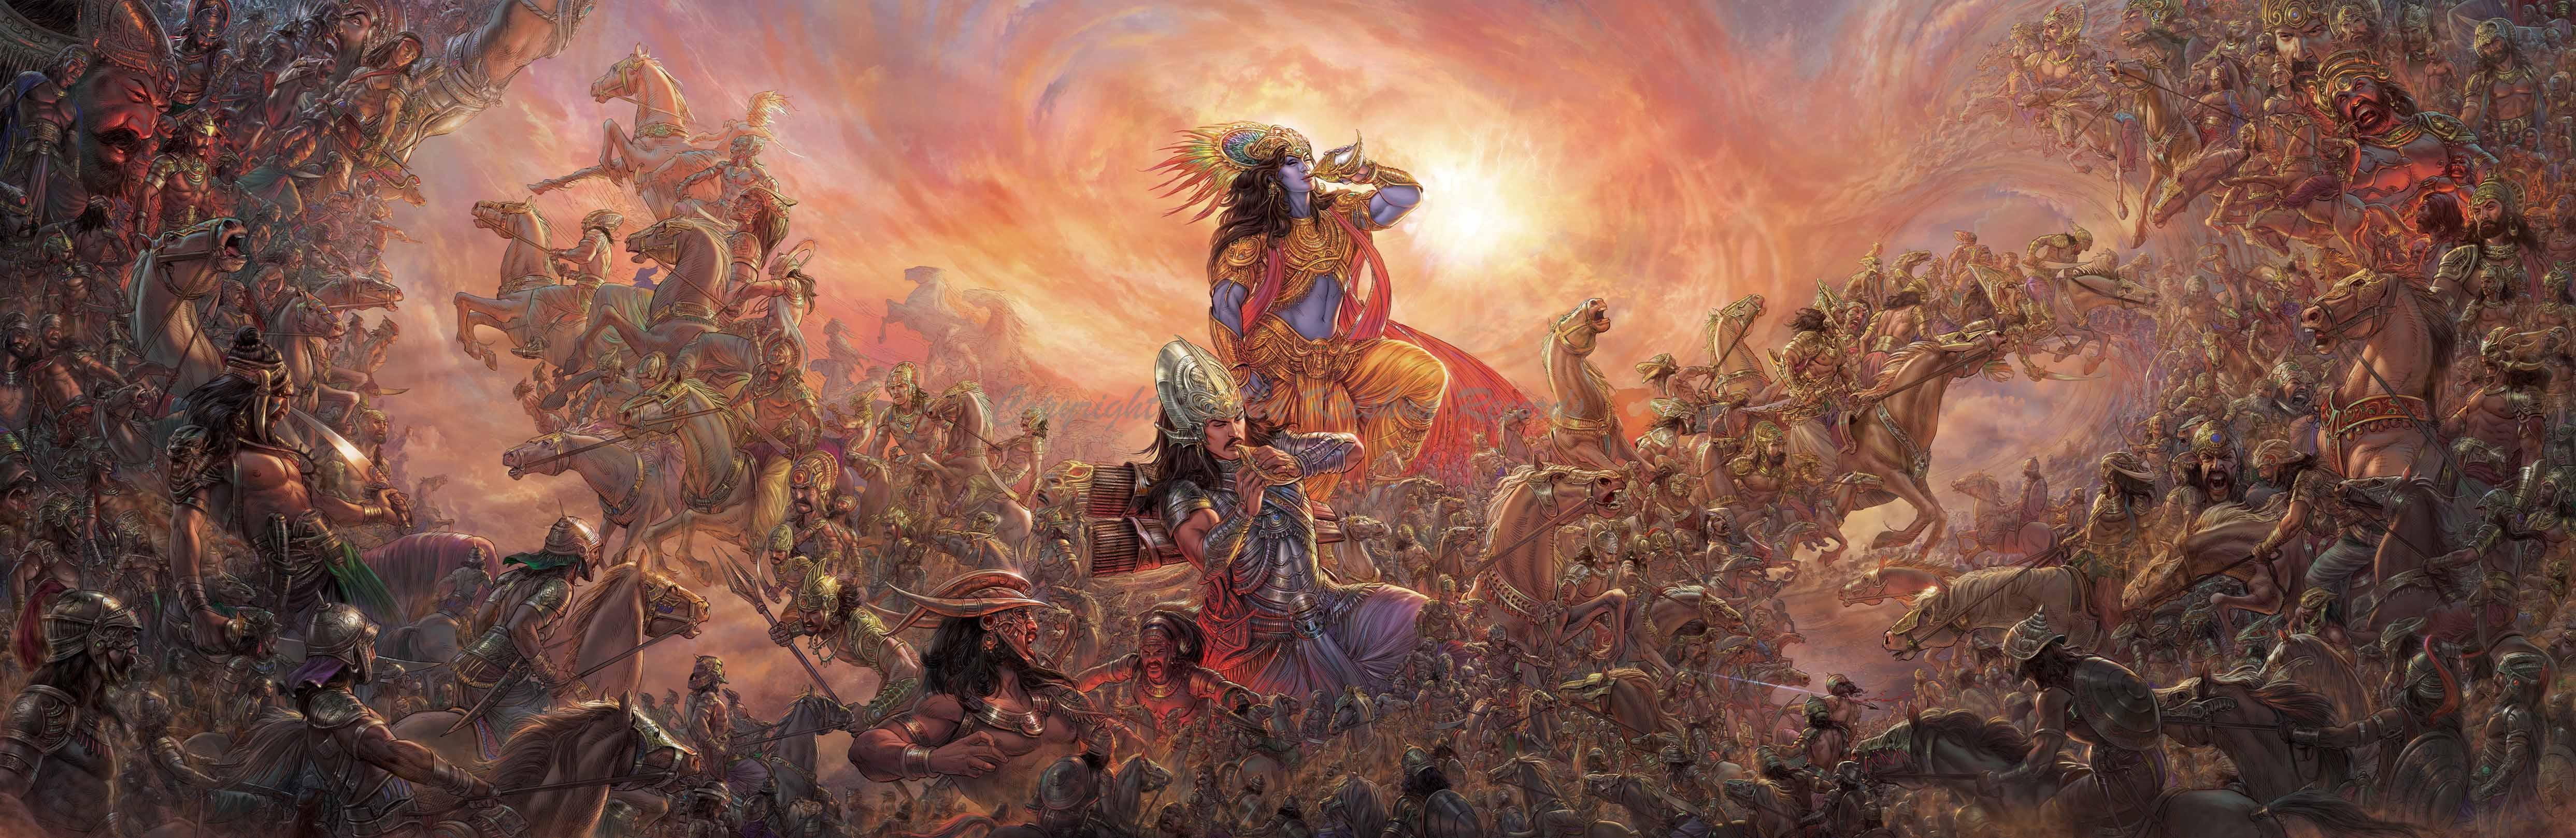 Art: Mukesh Singh